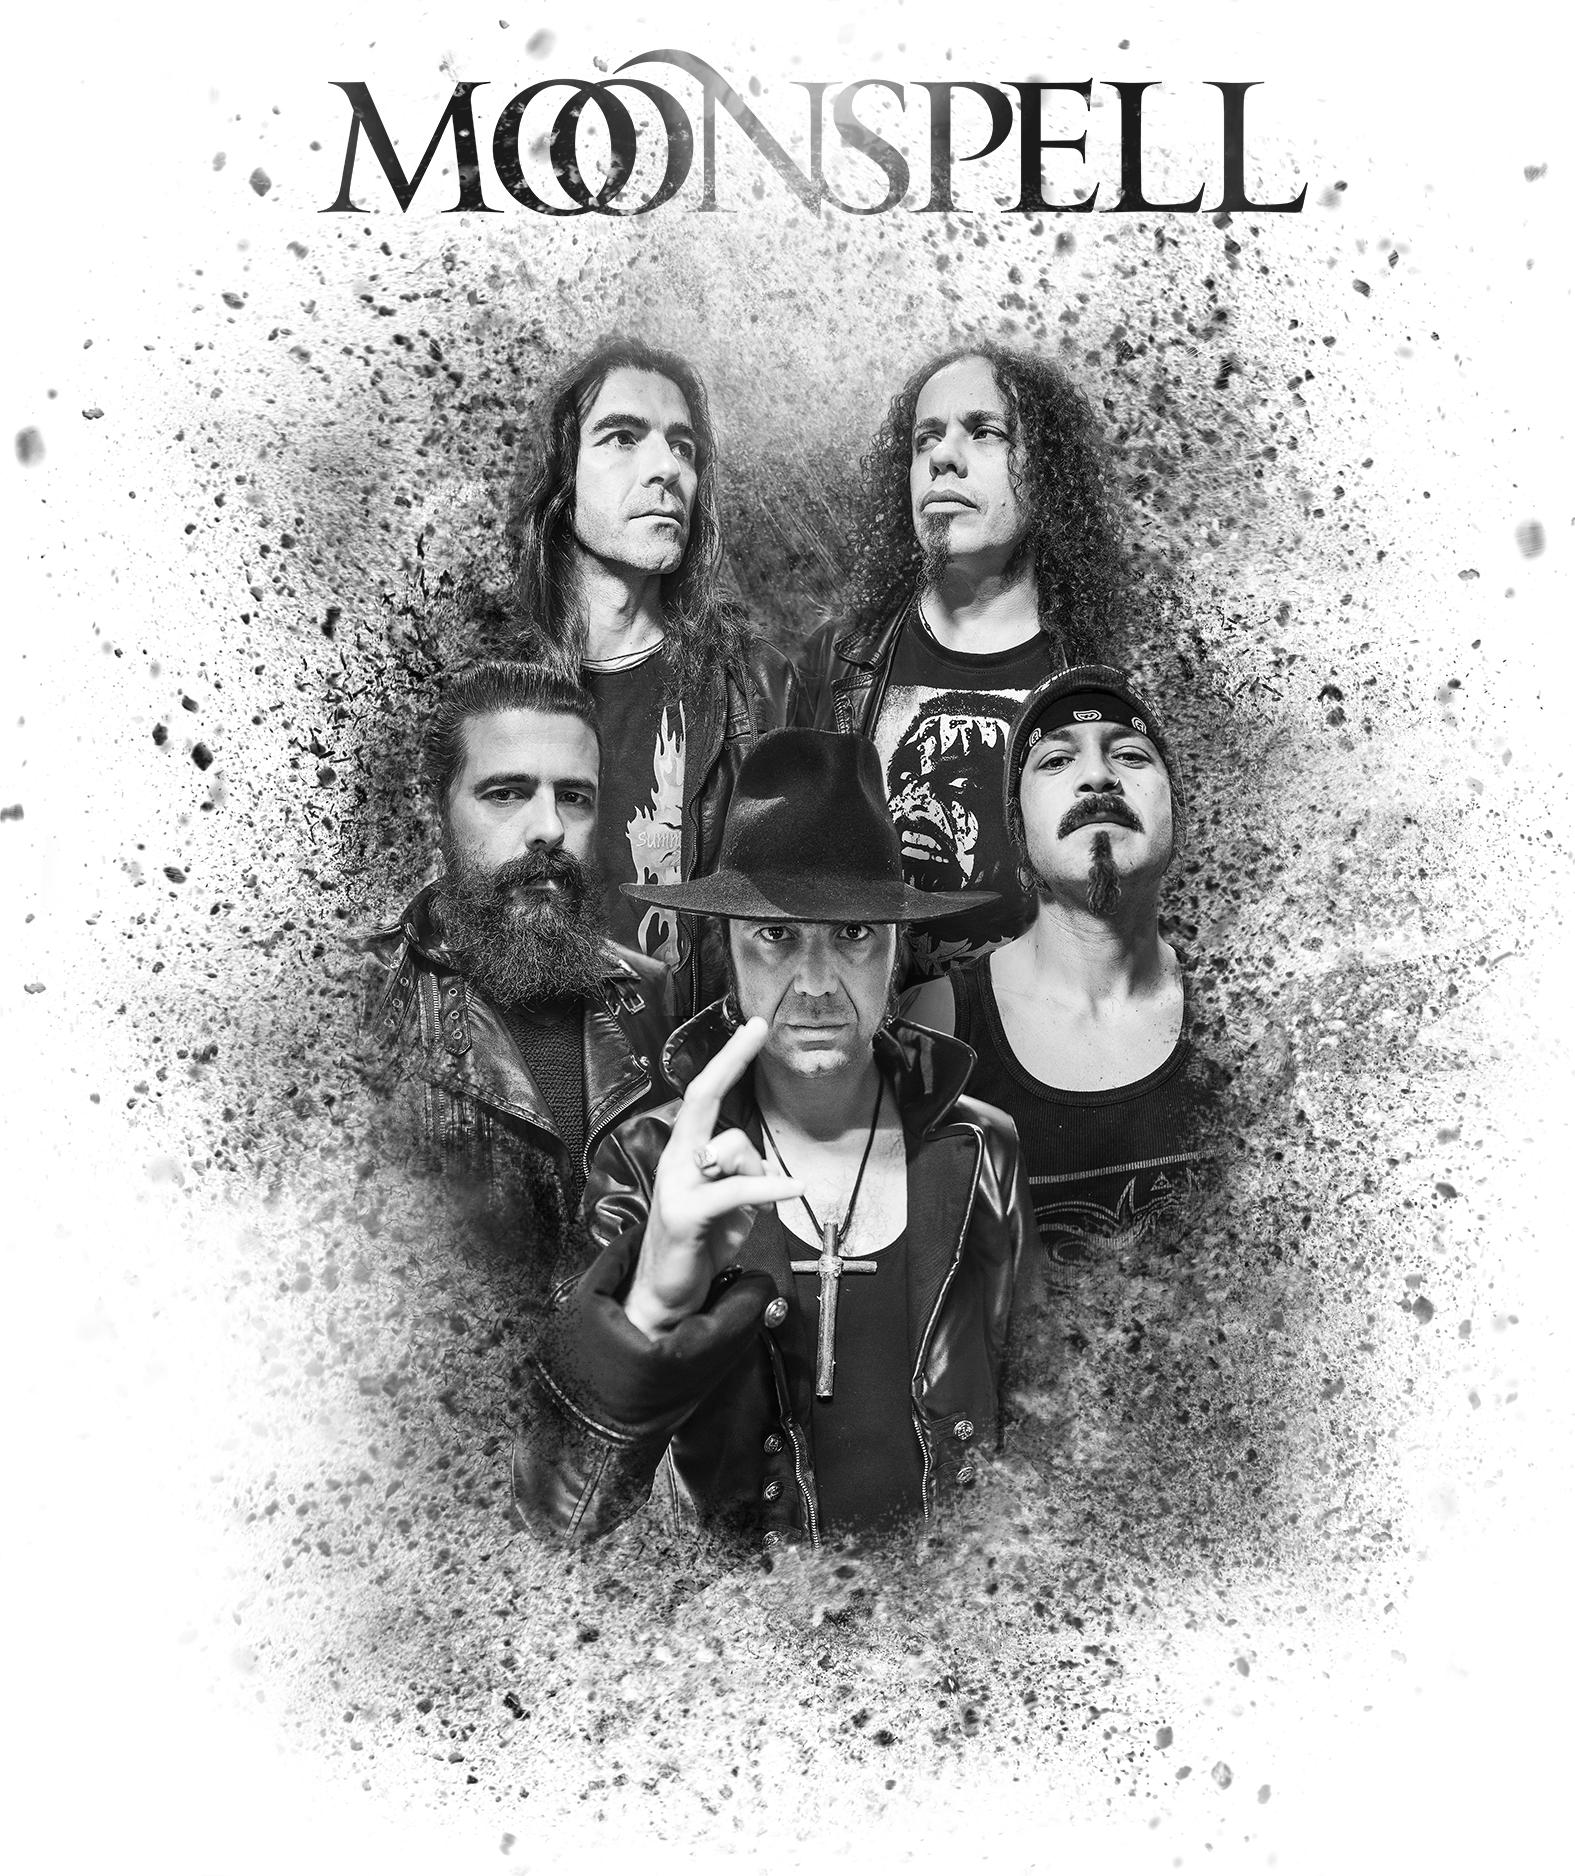 MOONSPELL_02